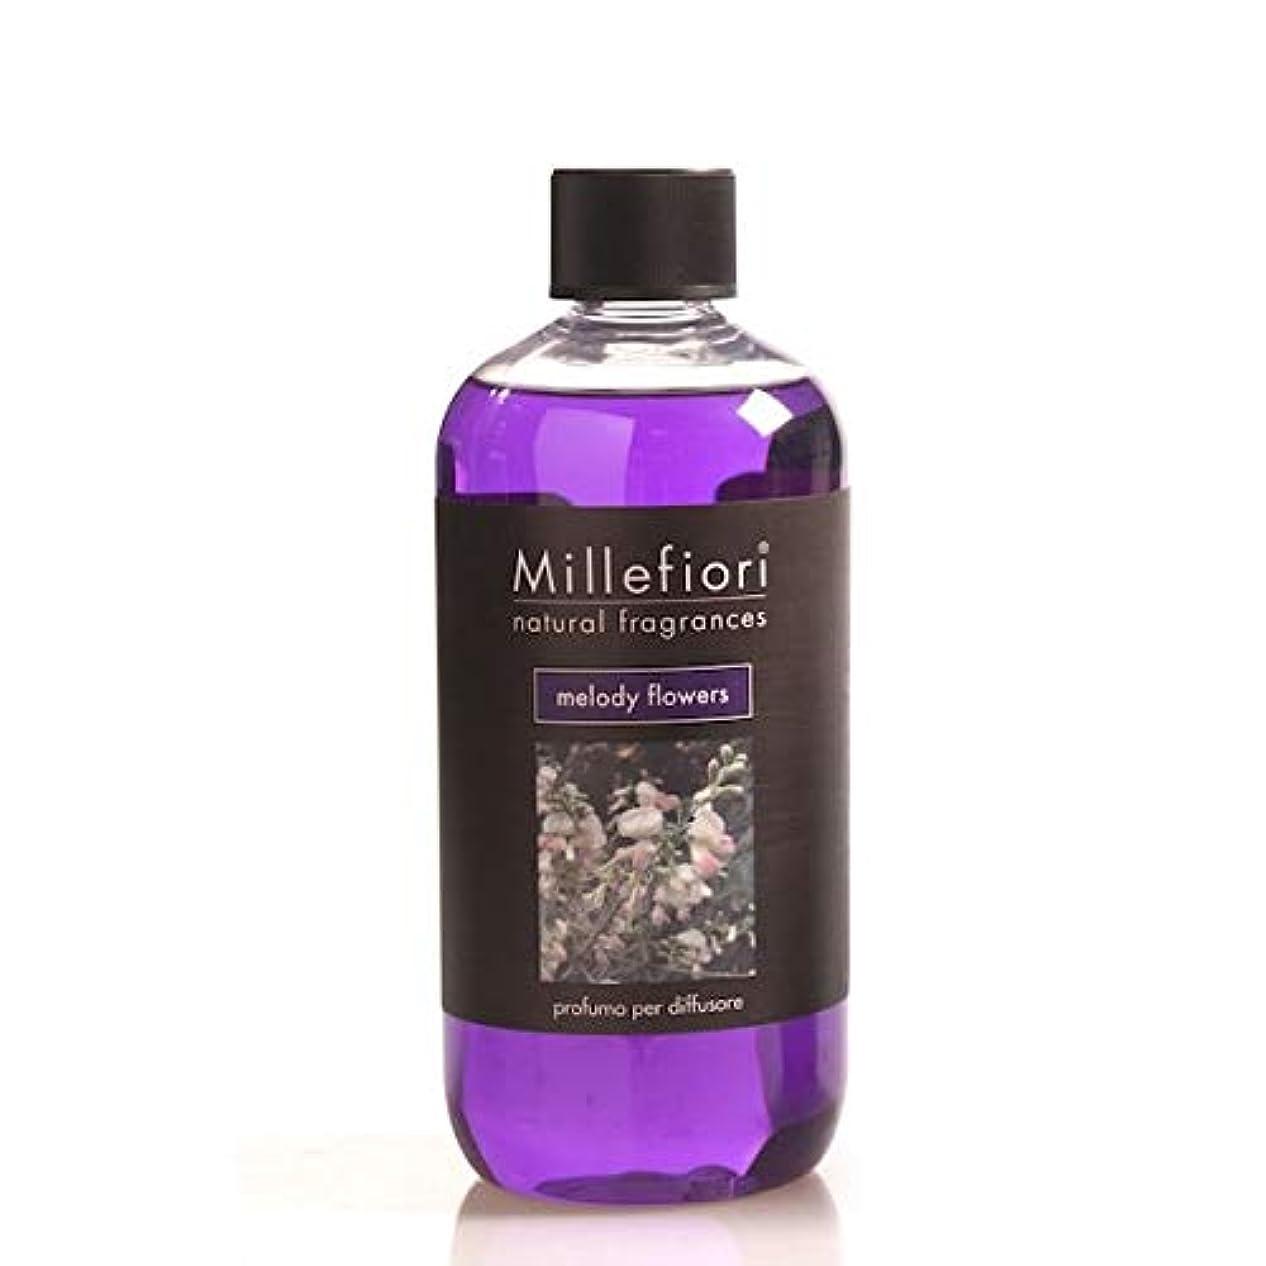 ヨーロッパ器具加速度ミッレフィオーリ(Millefiori) Natural メロディフラワー(MELODY FLOWERS) 交換用リフィル500ml [並行輸入品]